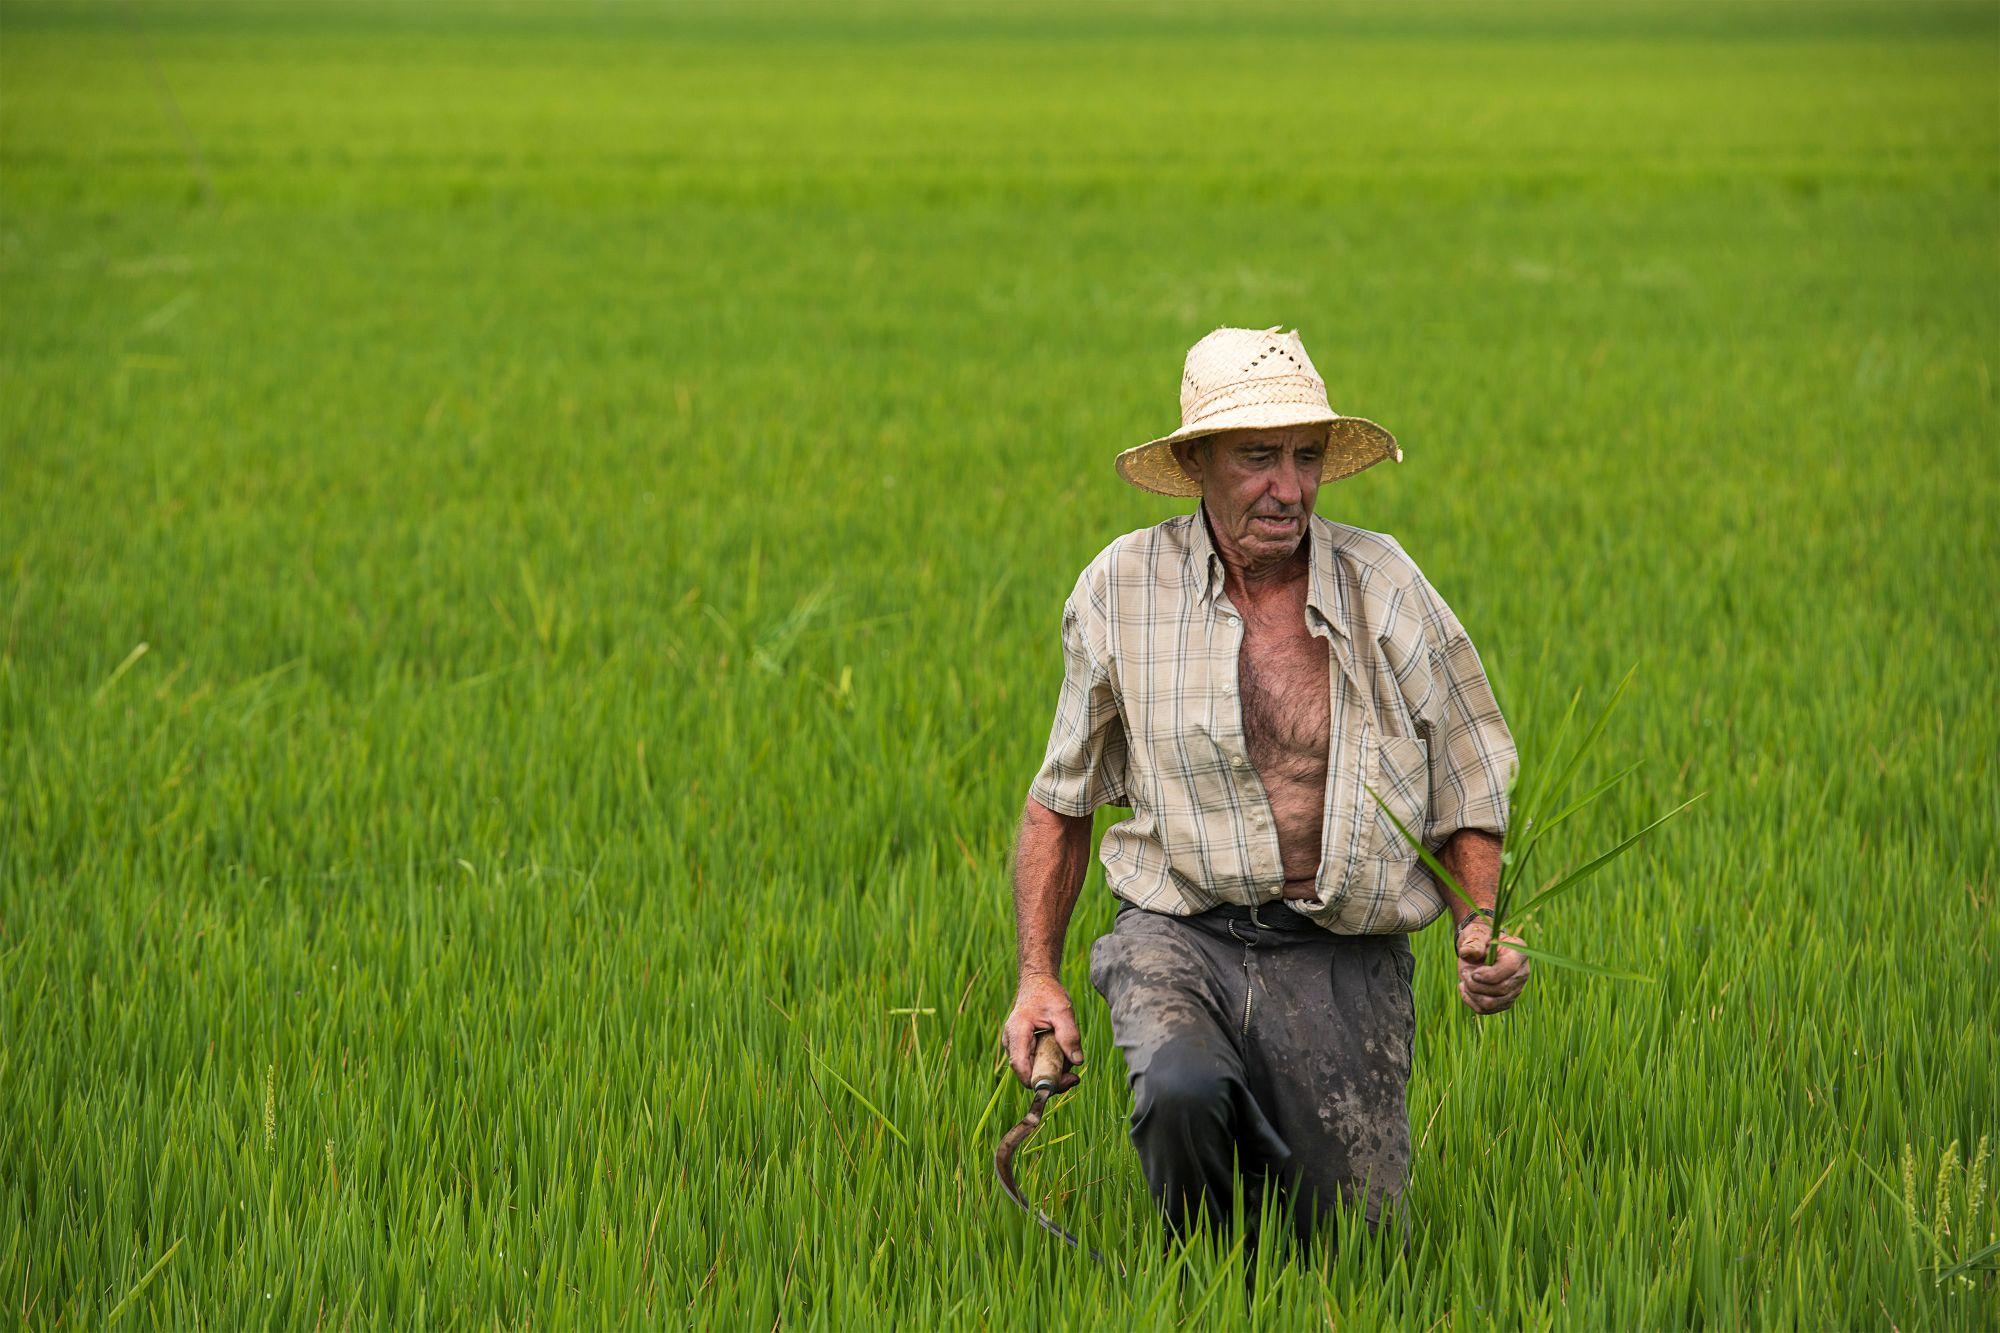 Miguel-Angel_Perez_Herrero_-En-los-campos-de-arroz.